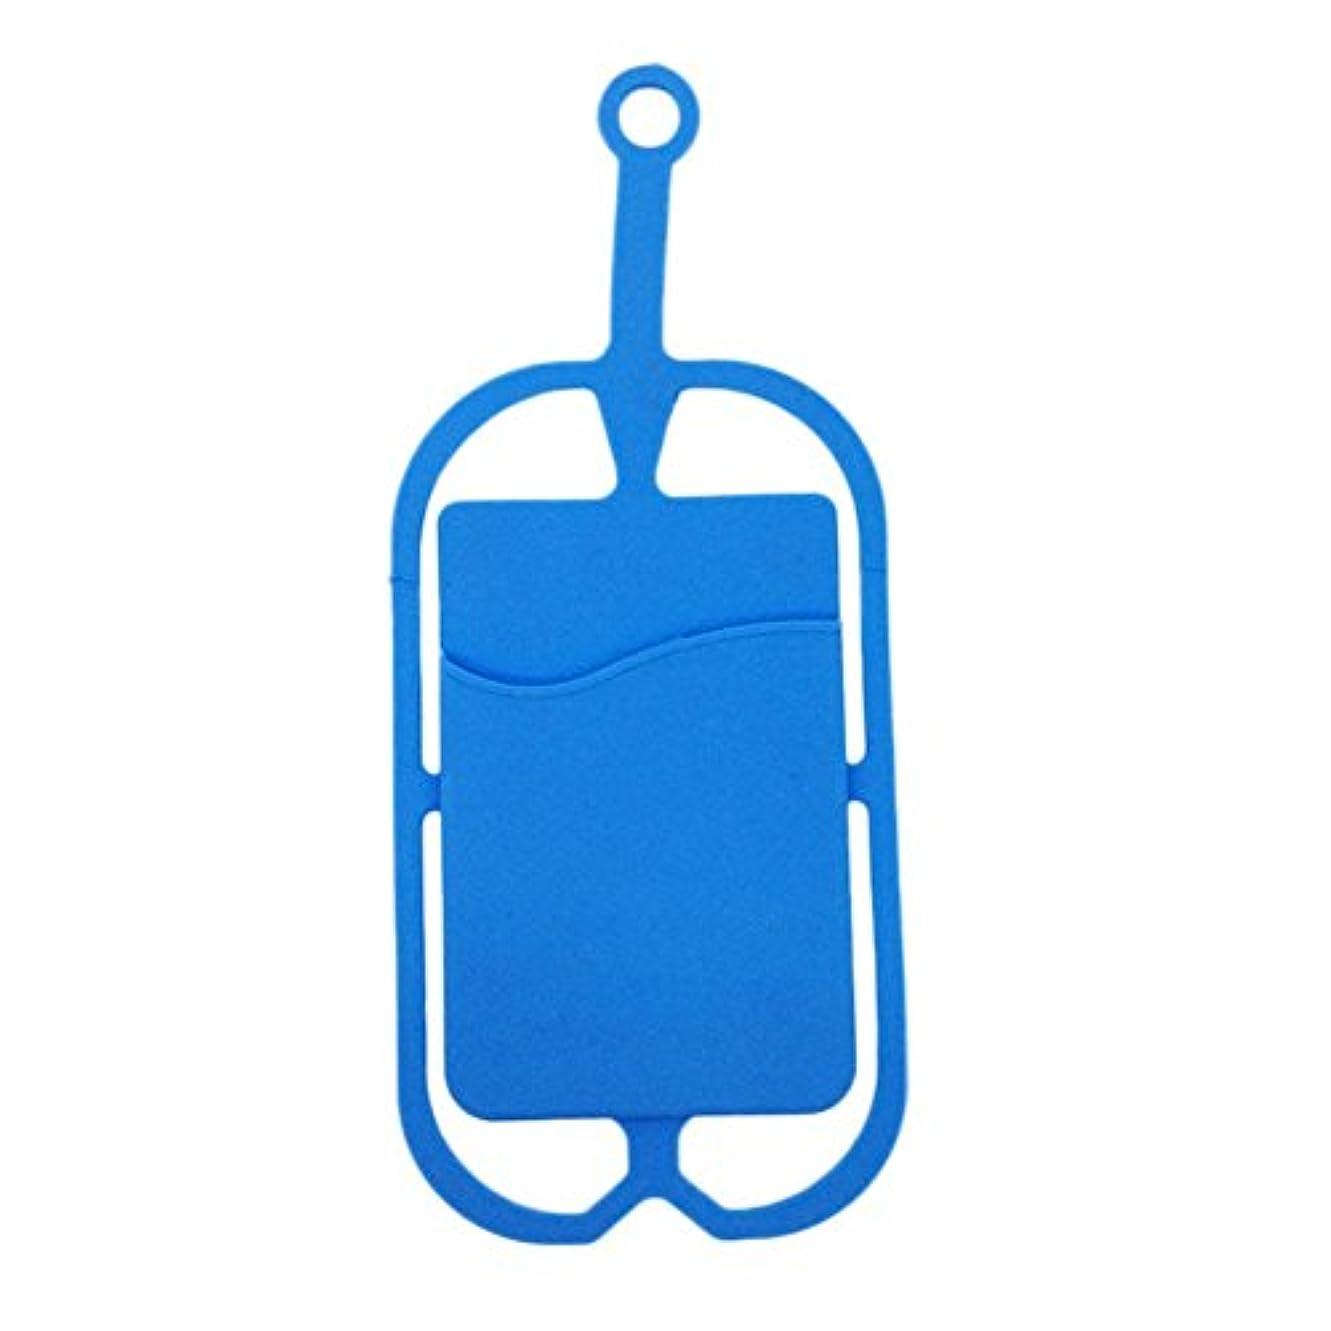 マニフェスト霧栄光Jicorzo - ロープ環境に優しいユニバーサルシリコーン電話ケースカードカバーバス銀行IDカードケースホルダー